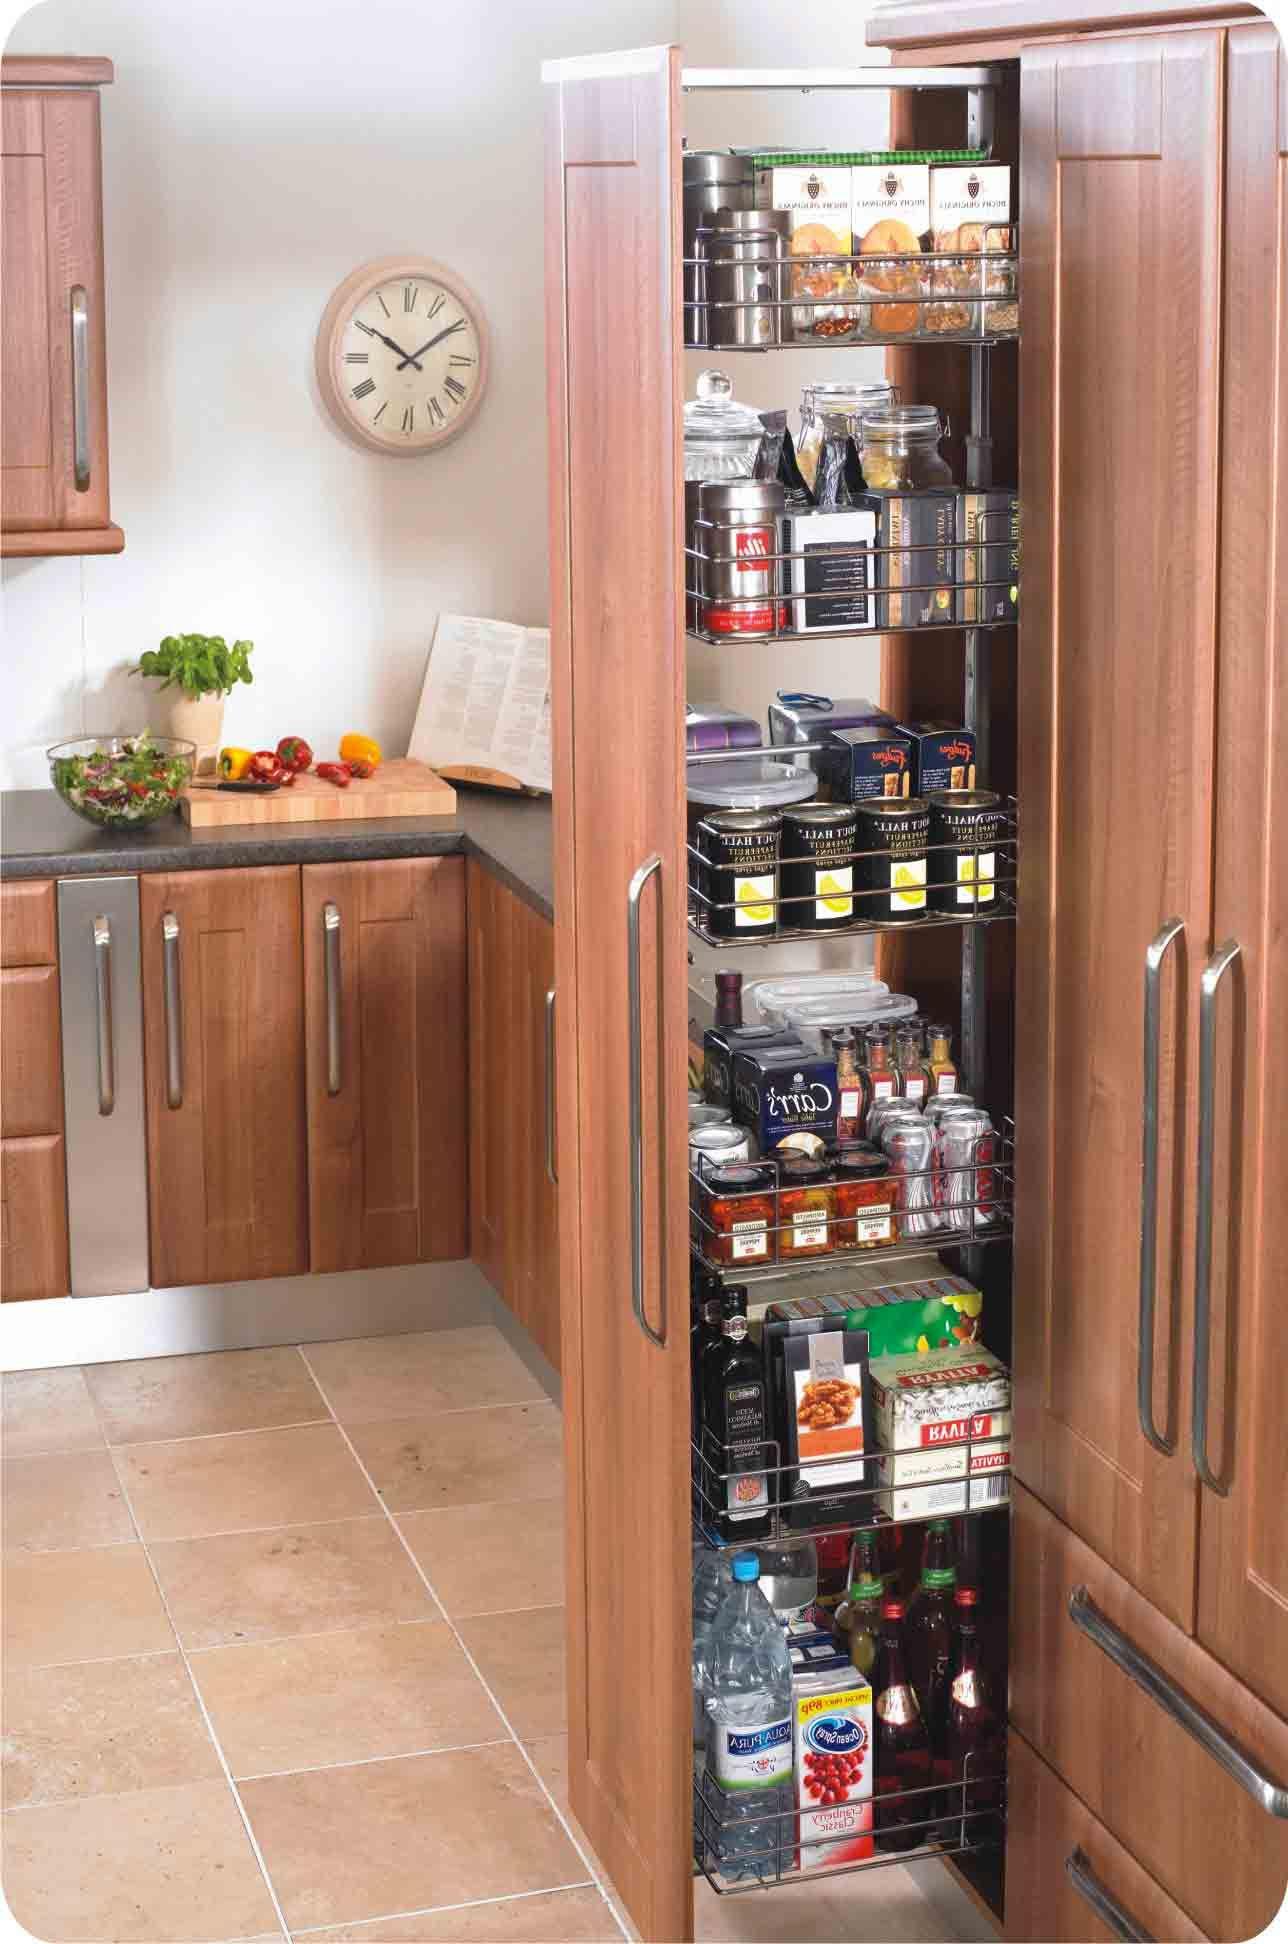 Herrajes sorano para cocinas y closet despensas torre for Muebles de cocina despensa